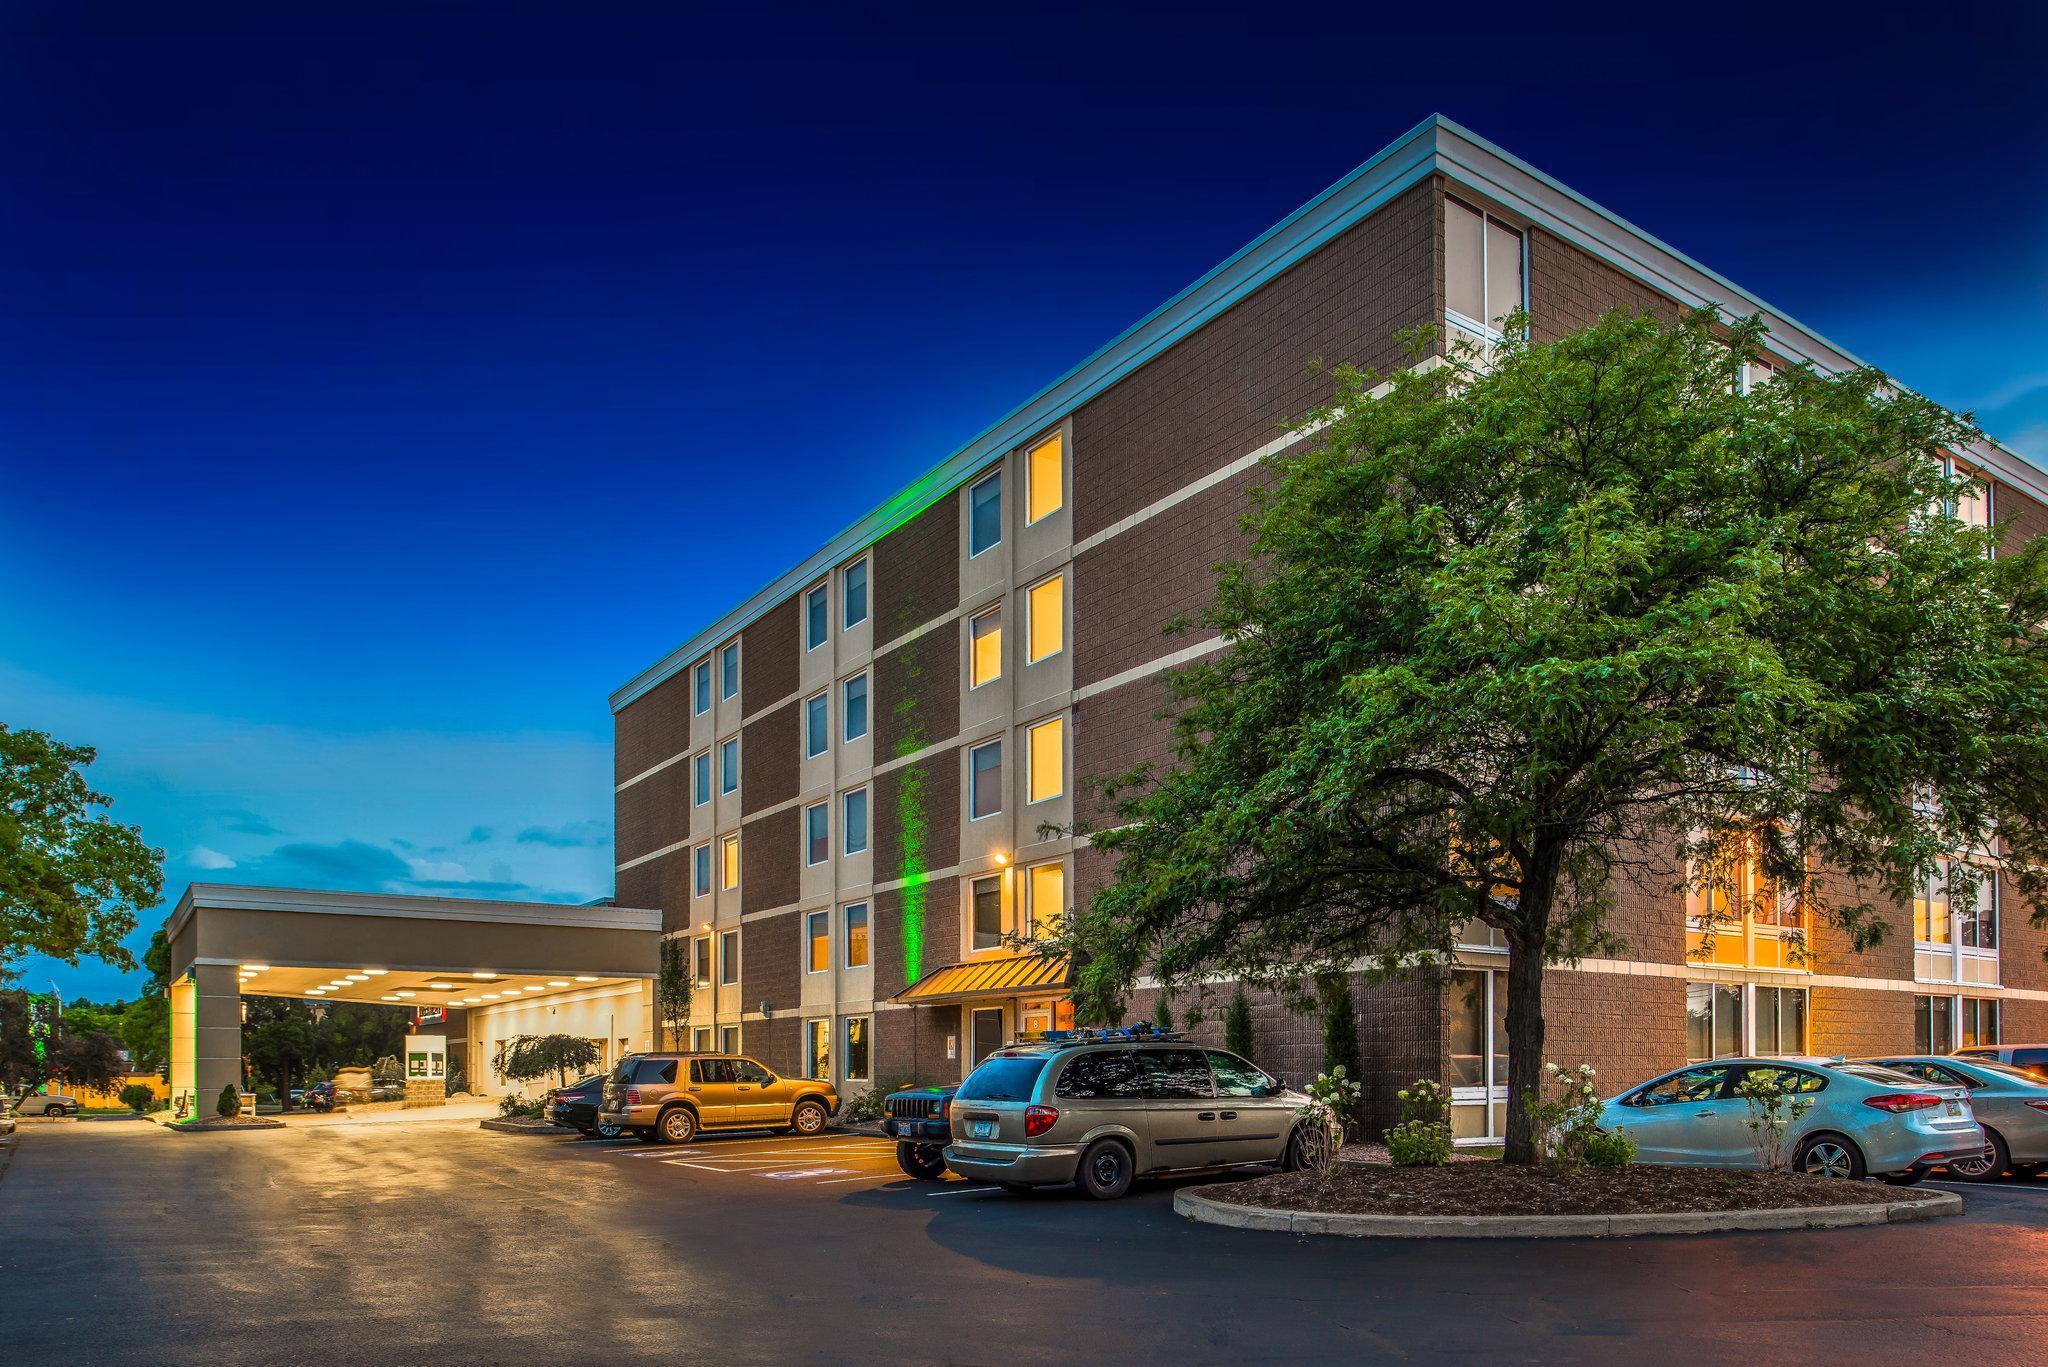 Holiday Inn Auburn Finger Lakes Region